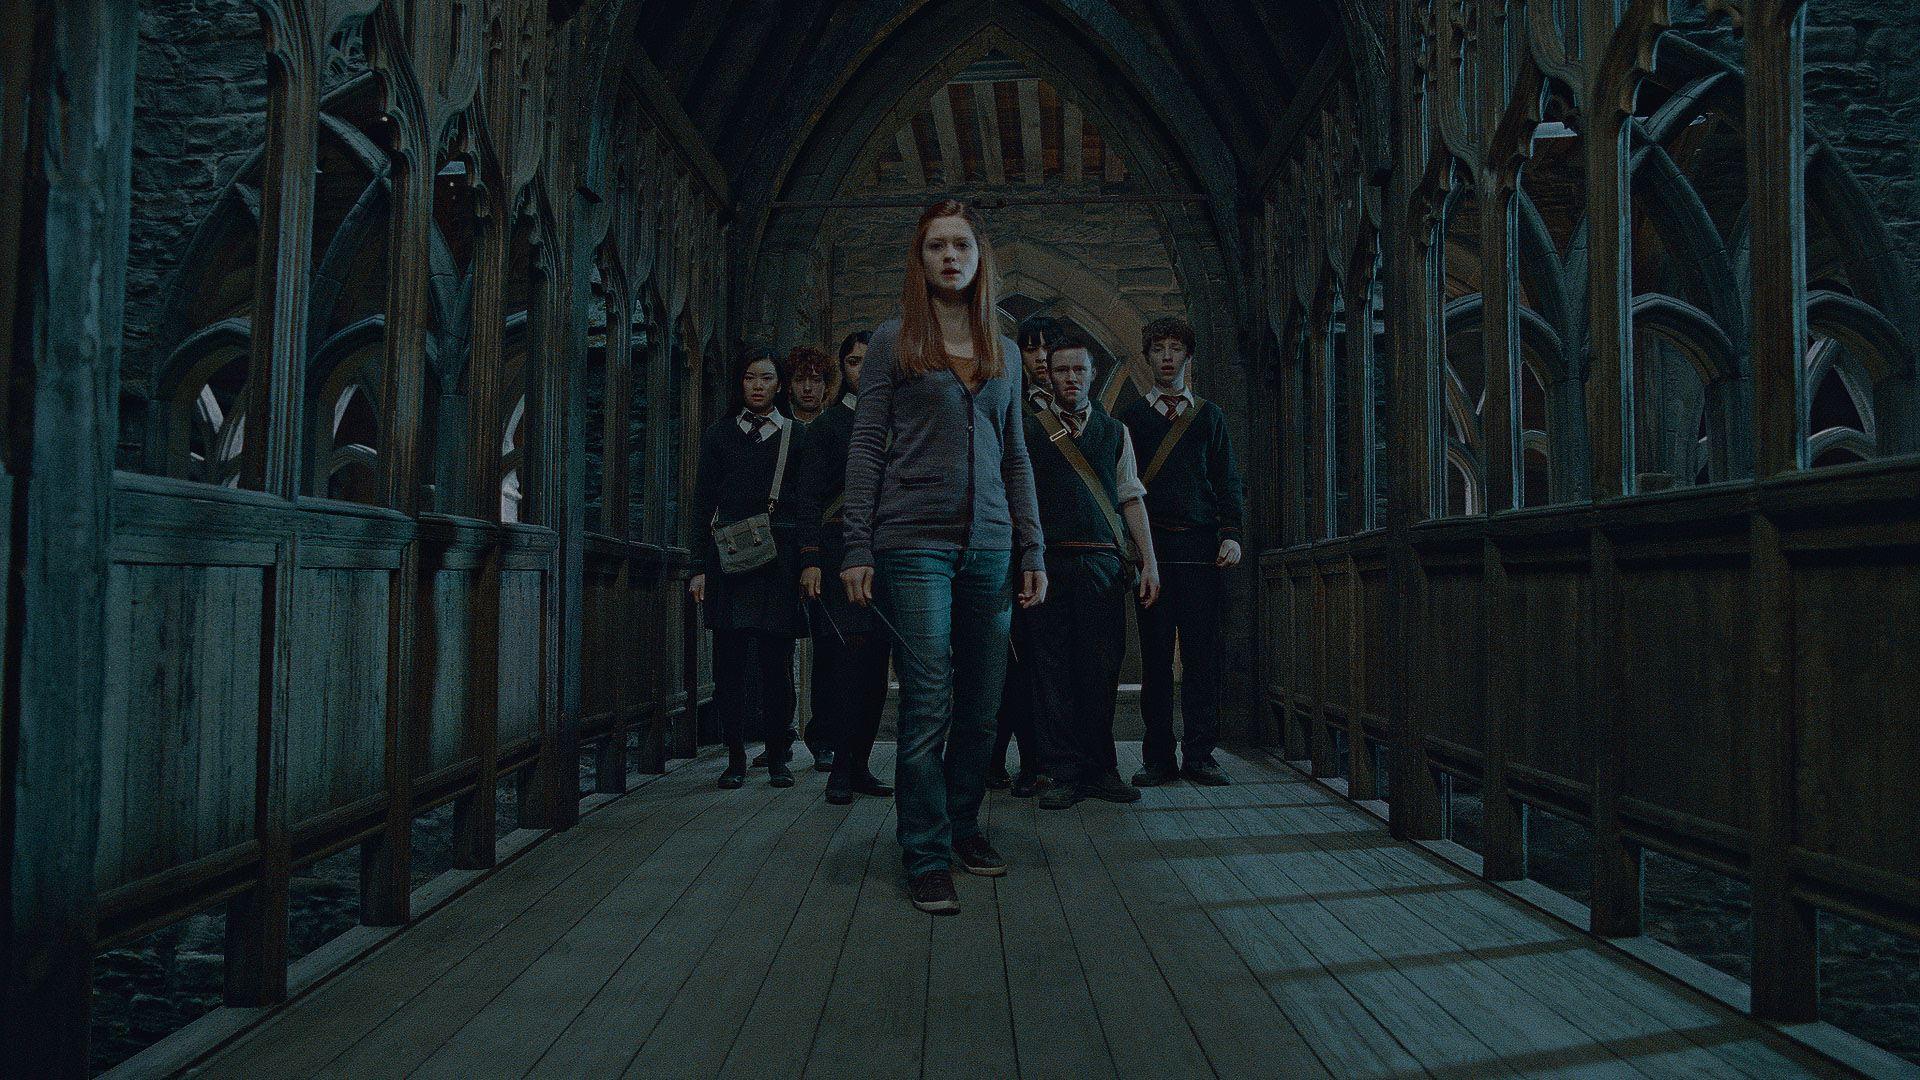 кадры из фильма Гарри Поттер и Дары Смерти: Часть вторая Кэти Люн, Бонни Райт, Девон Мюррей,